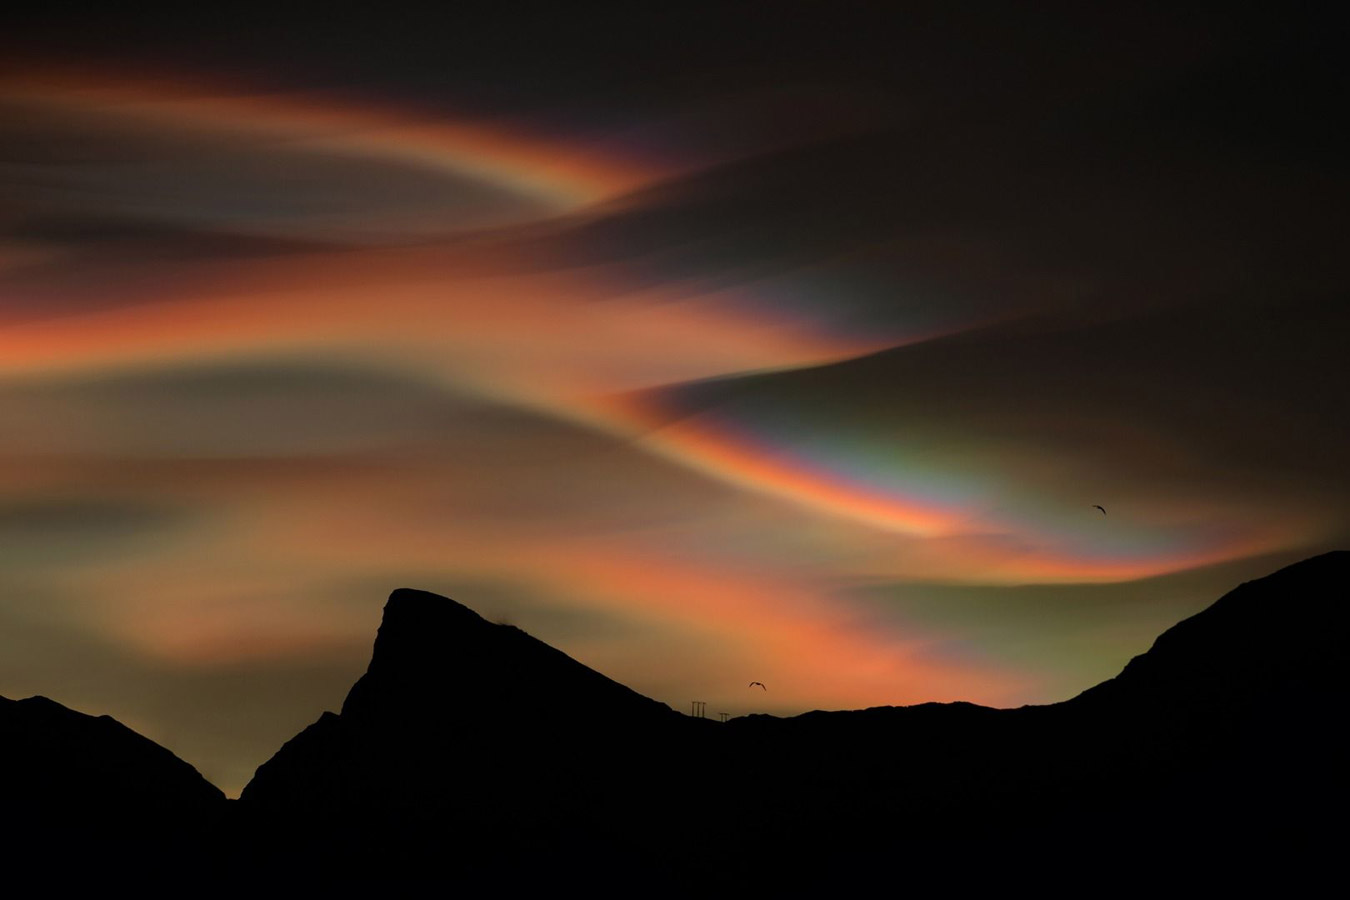 Перламутровые облака, © Бартломей Юрецкий, Фотоконкурс «Погодный фотограф года» — Weather Photographer of the Year